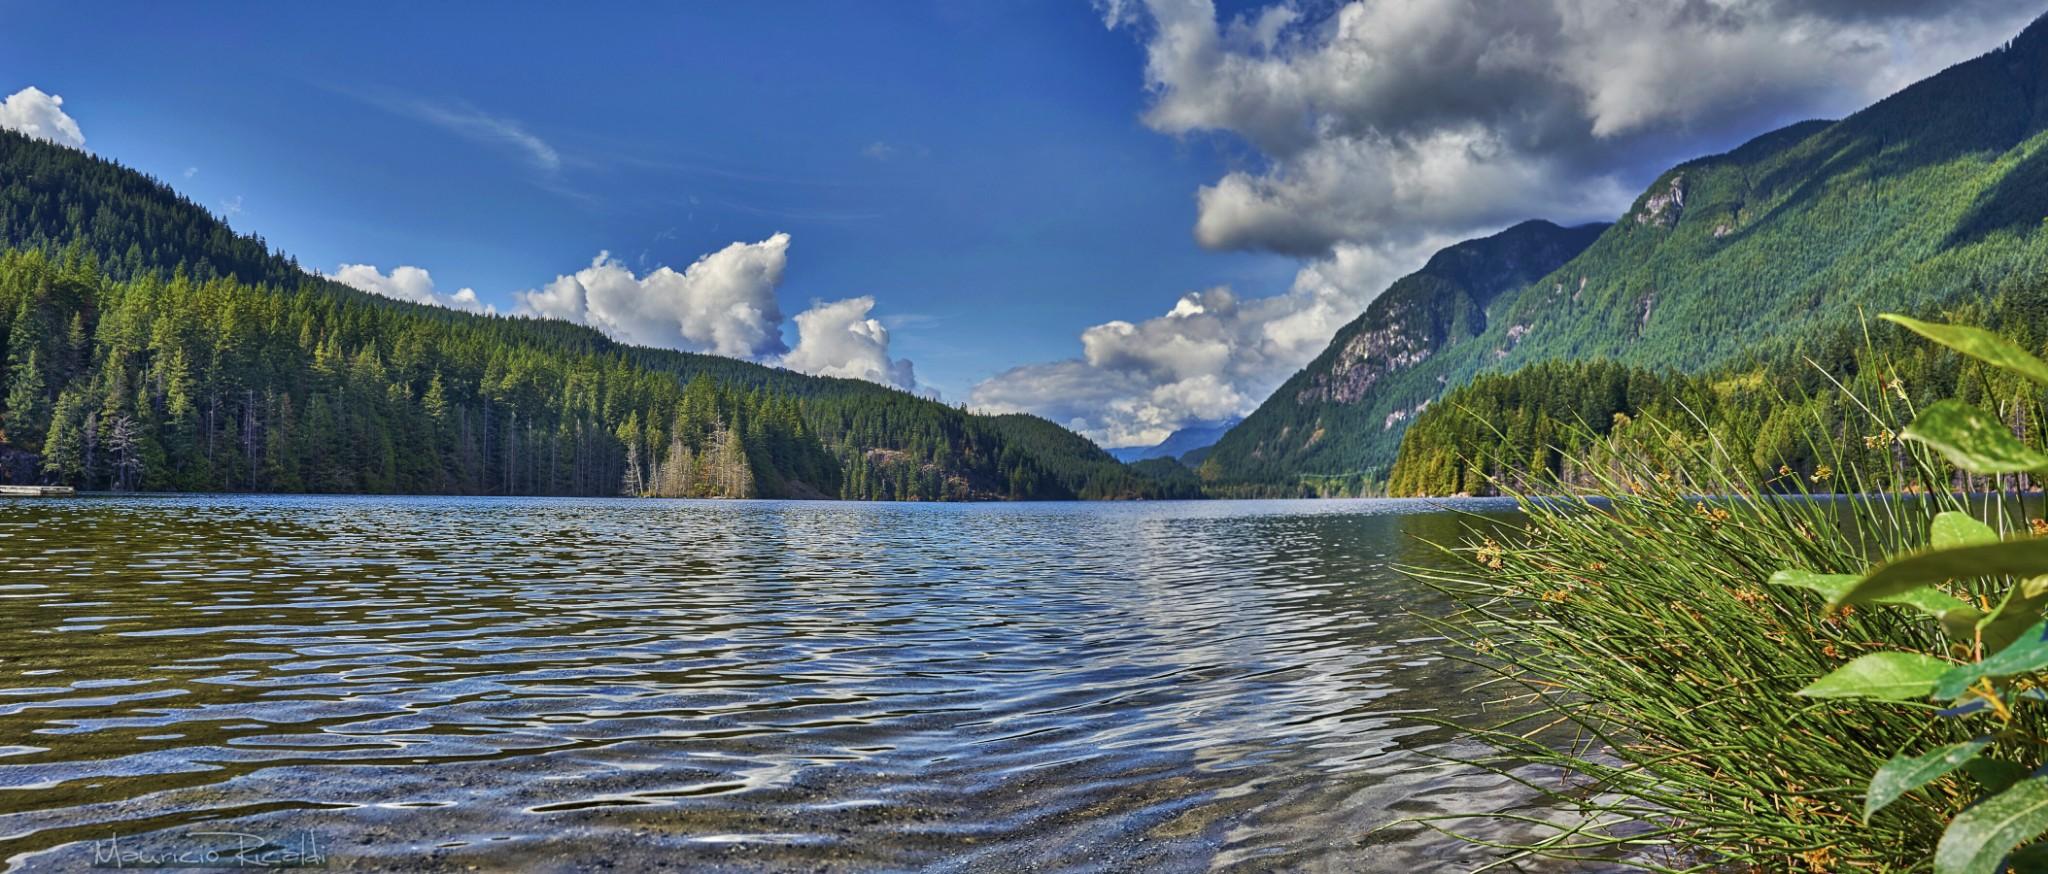 Los lagos en el verano